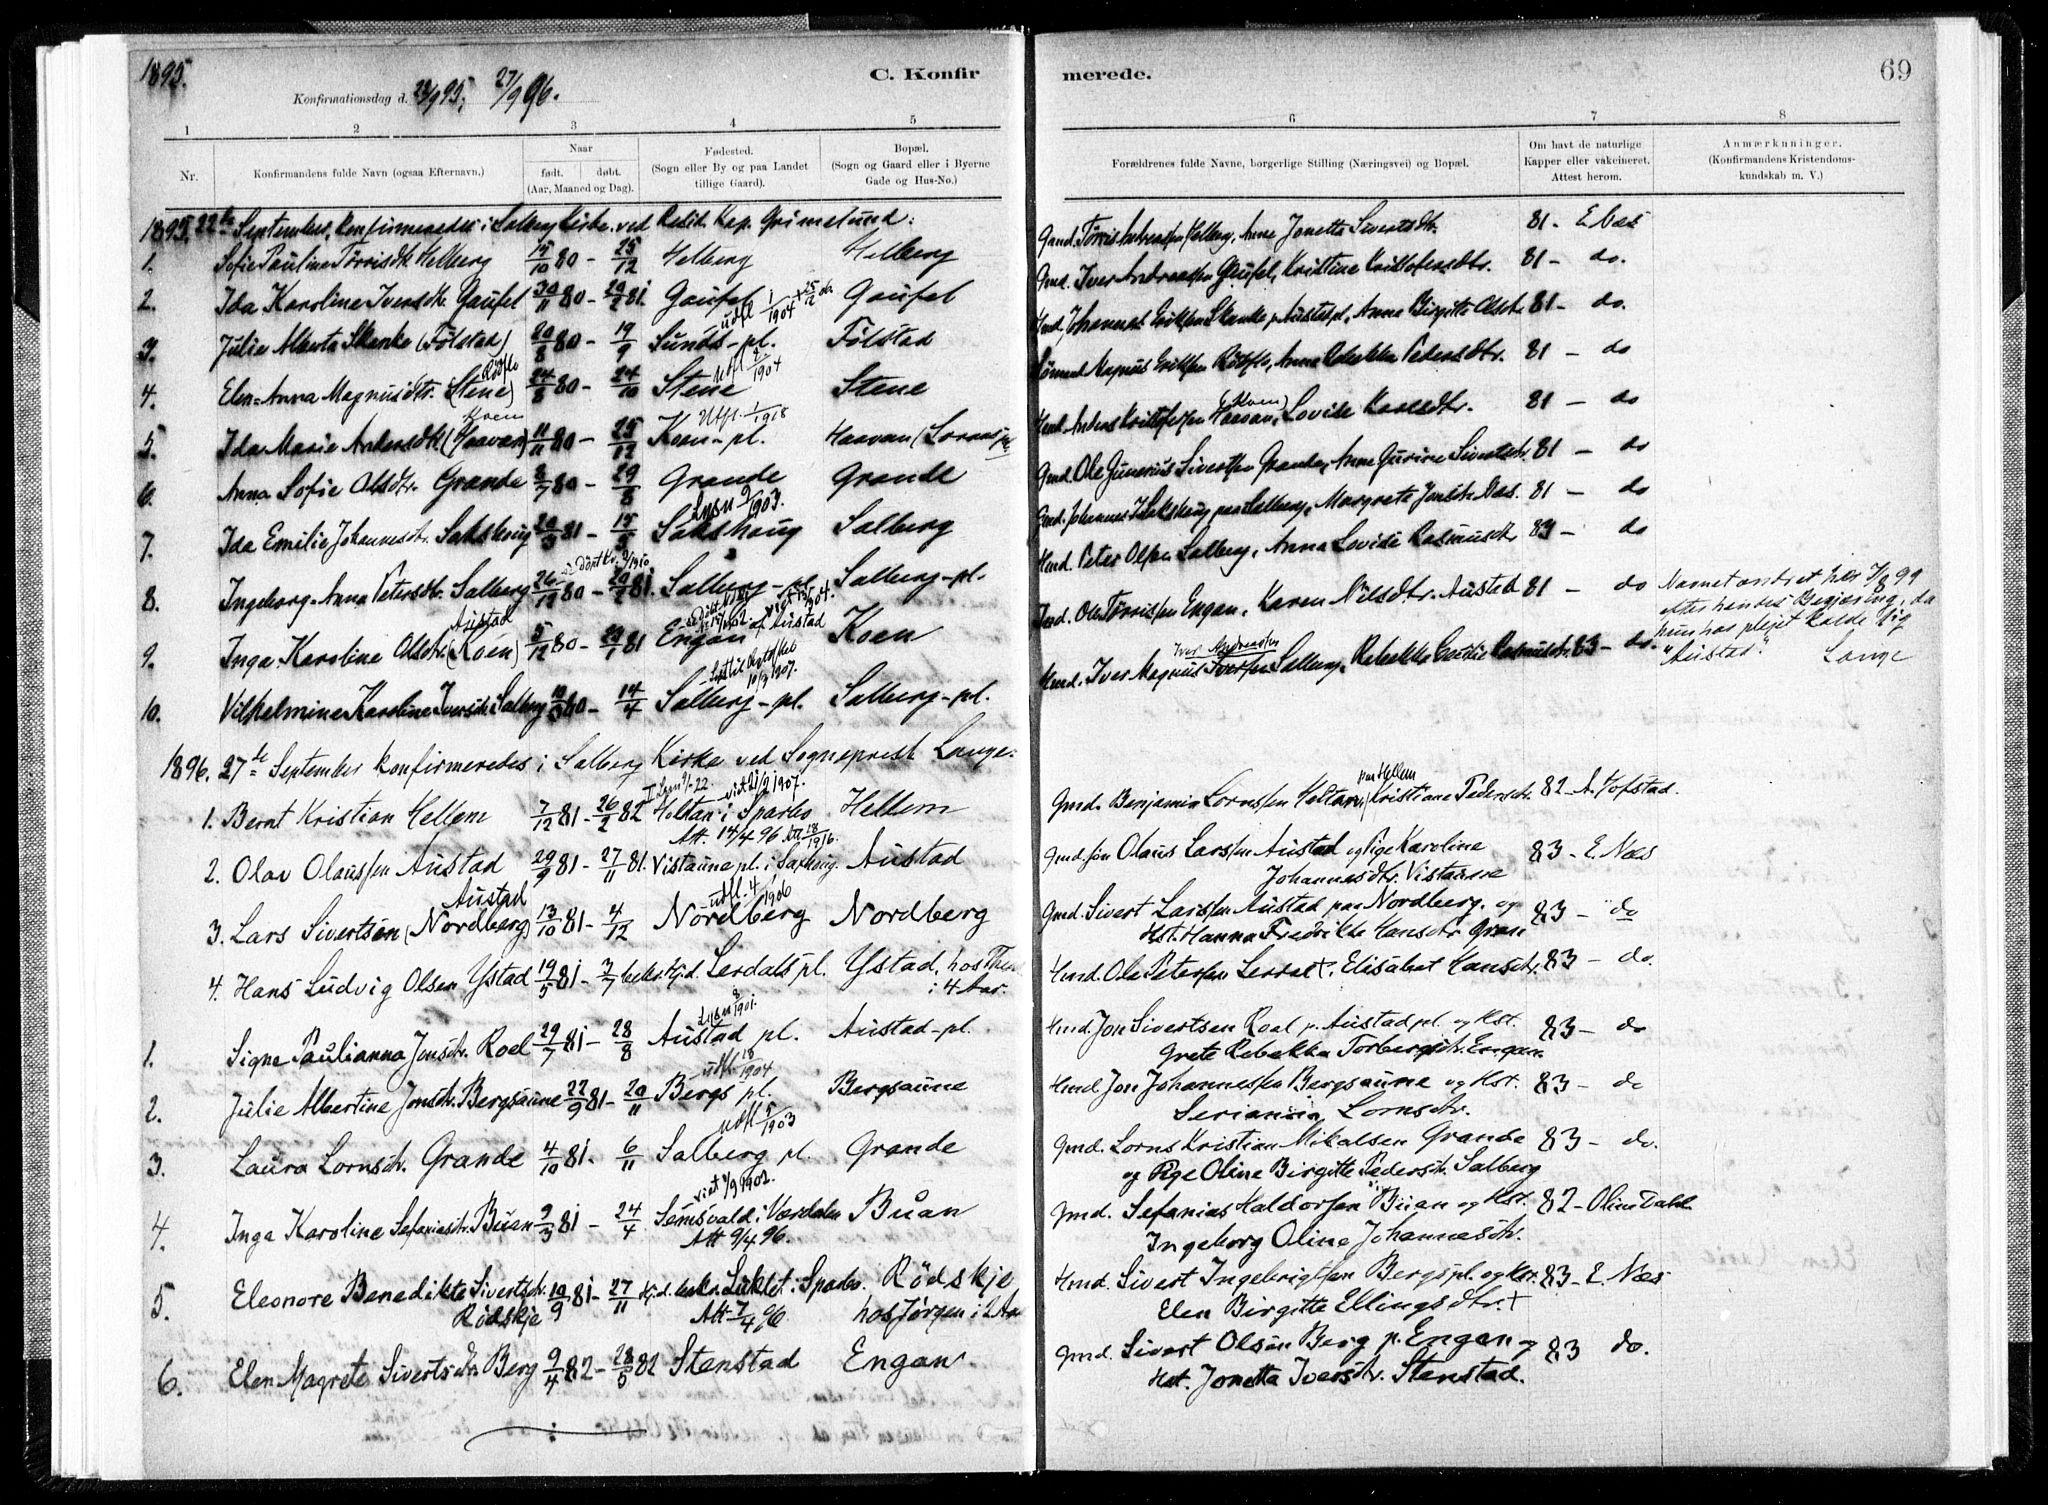 SAT, Ministerialprotokoller, klokkerbøker og fødselsregistre - Nord-Trøndelag, 731/L0309: Ministerialbok nr. 731A01, 1879-1918, s. 69